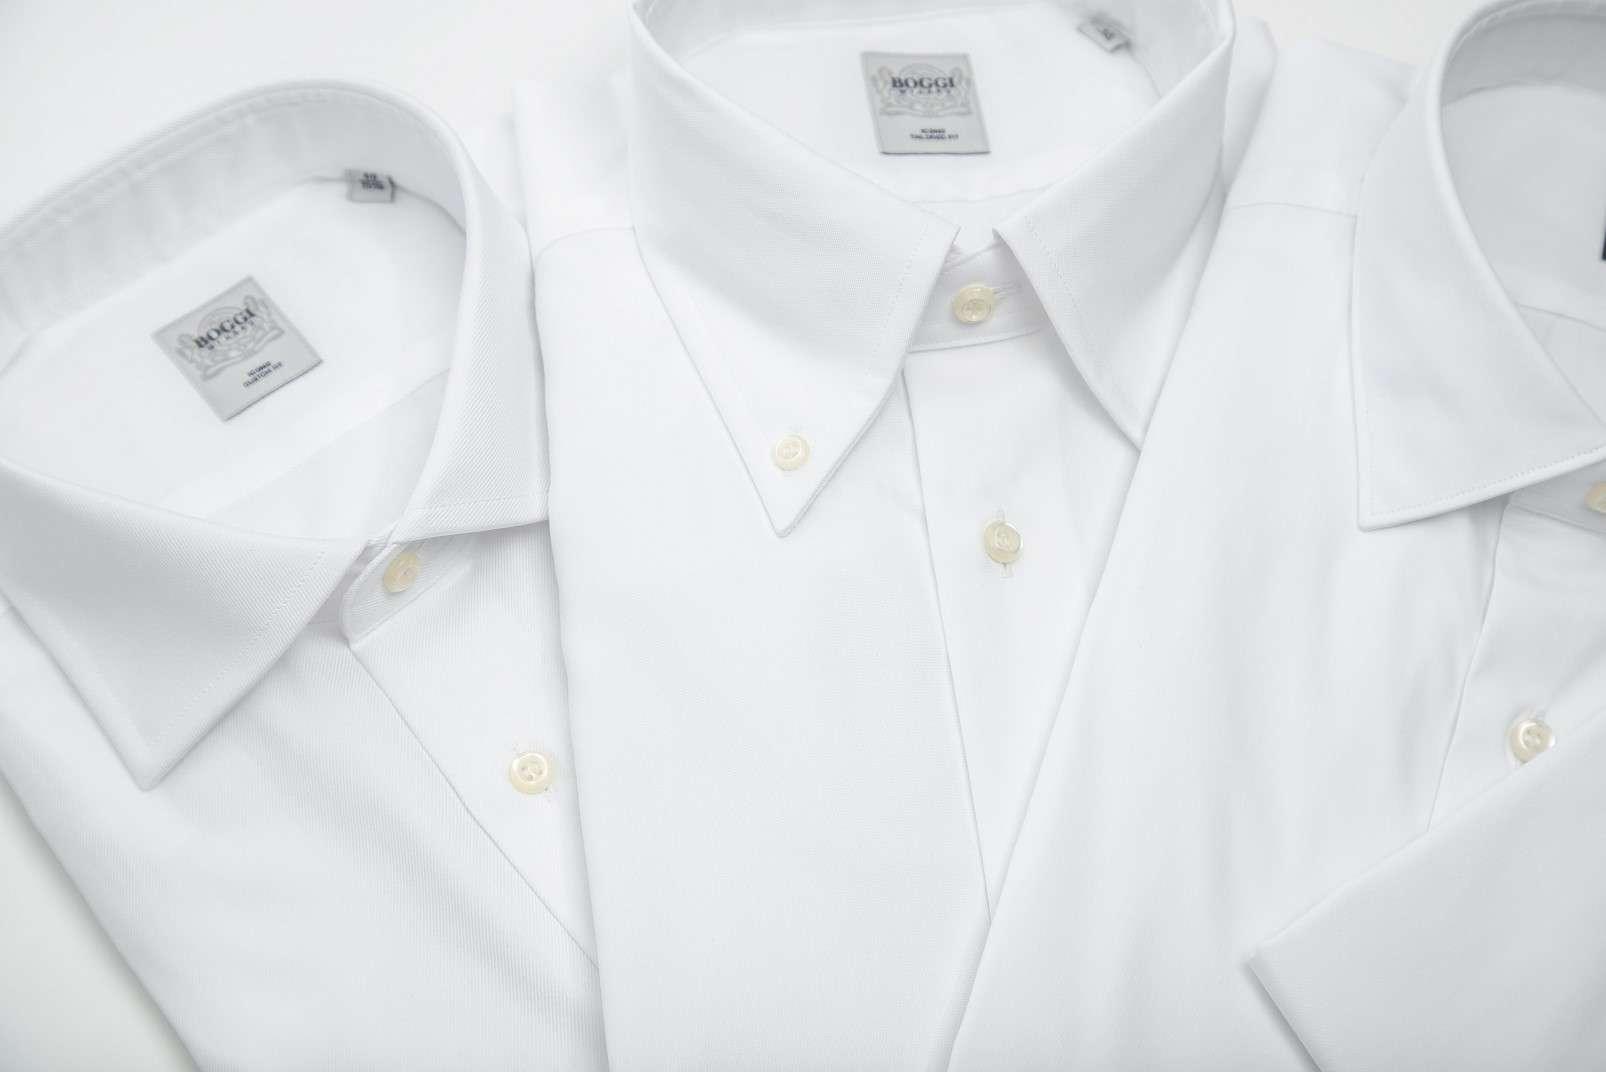 Boggi Milano shirts - open, button-down, closed